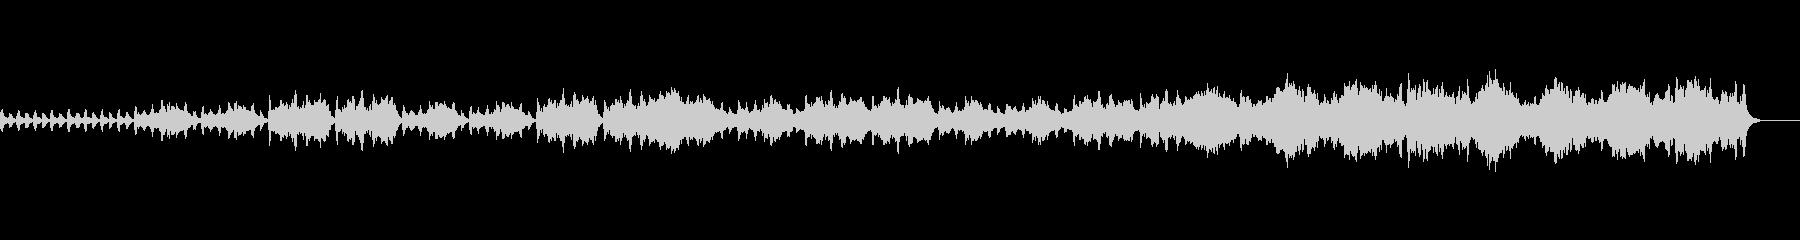 ほのぼの弾んだリズムの木管楽曲の未再生の波形